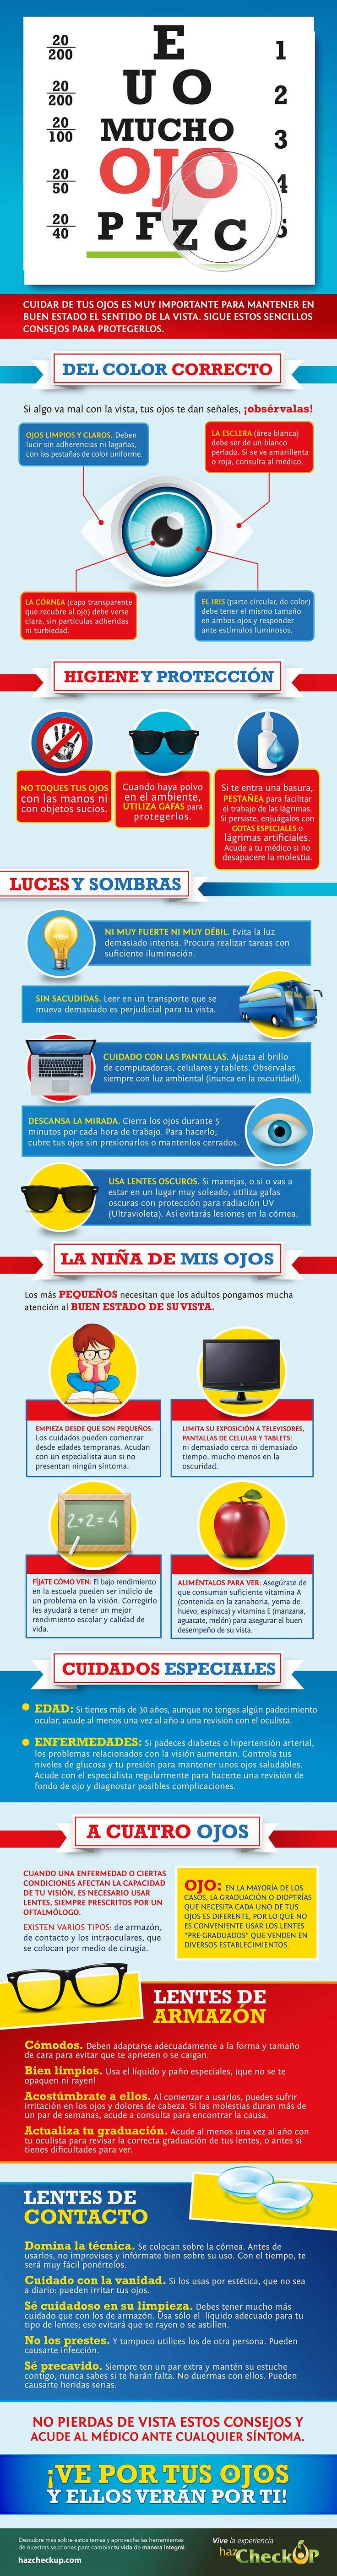 ¡Tu salud visual y la de tu familia son muy importantes! Por eso tener los cuidados adecuados te ayudarán a estar bien